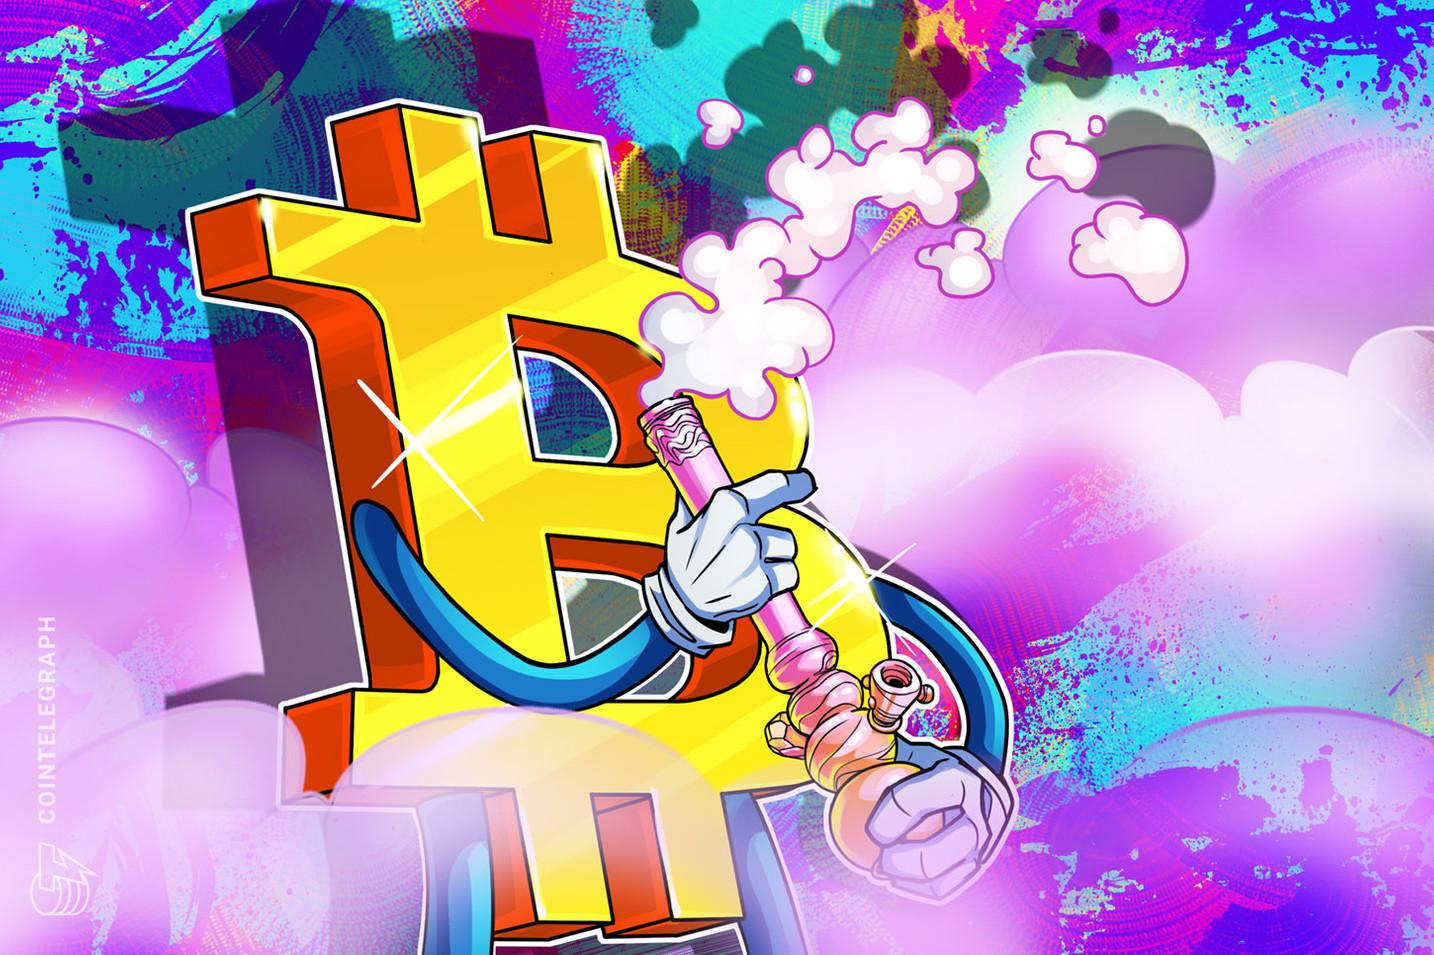 Bongs por Bitcoin: 'Mantive o negócio vivo aceitando pagamentos em BTC'